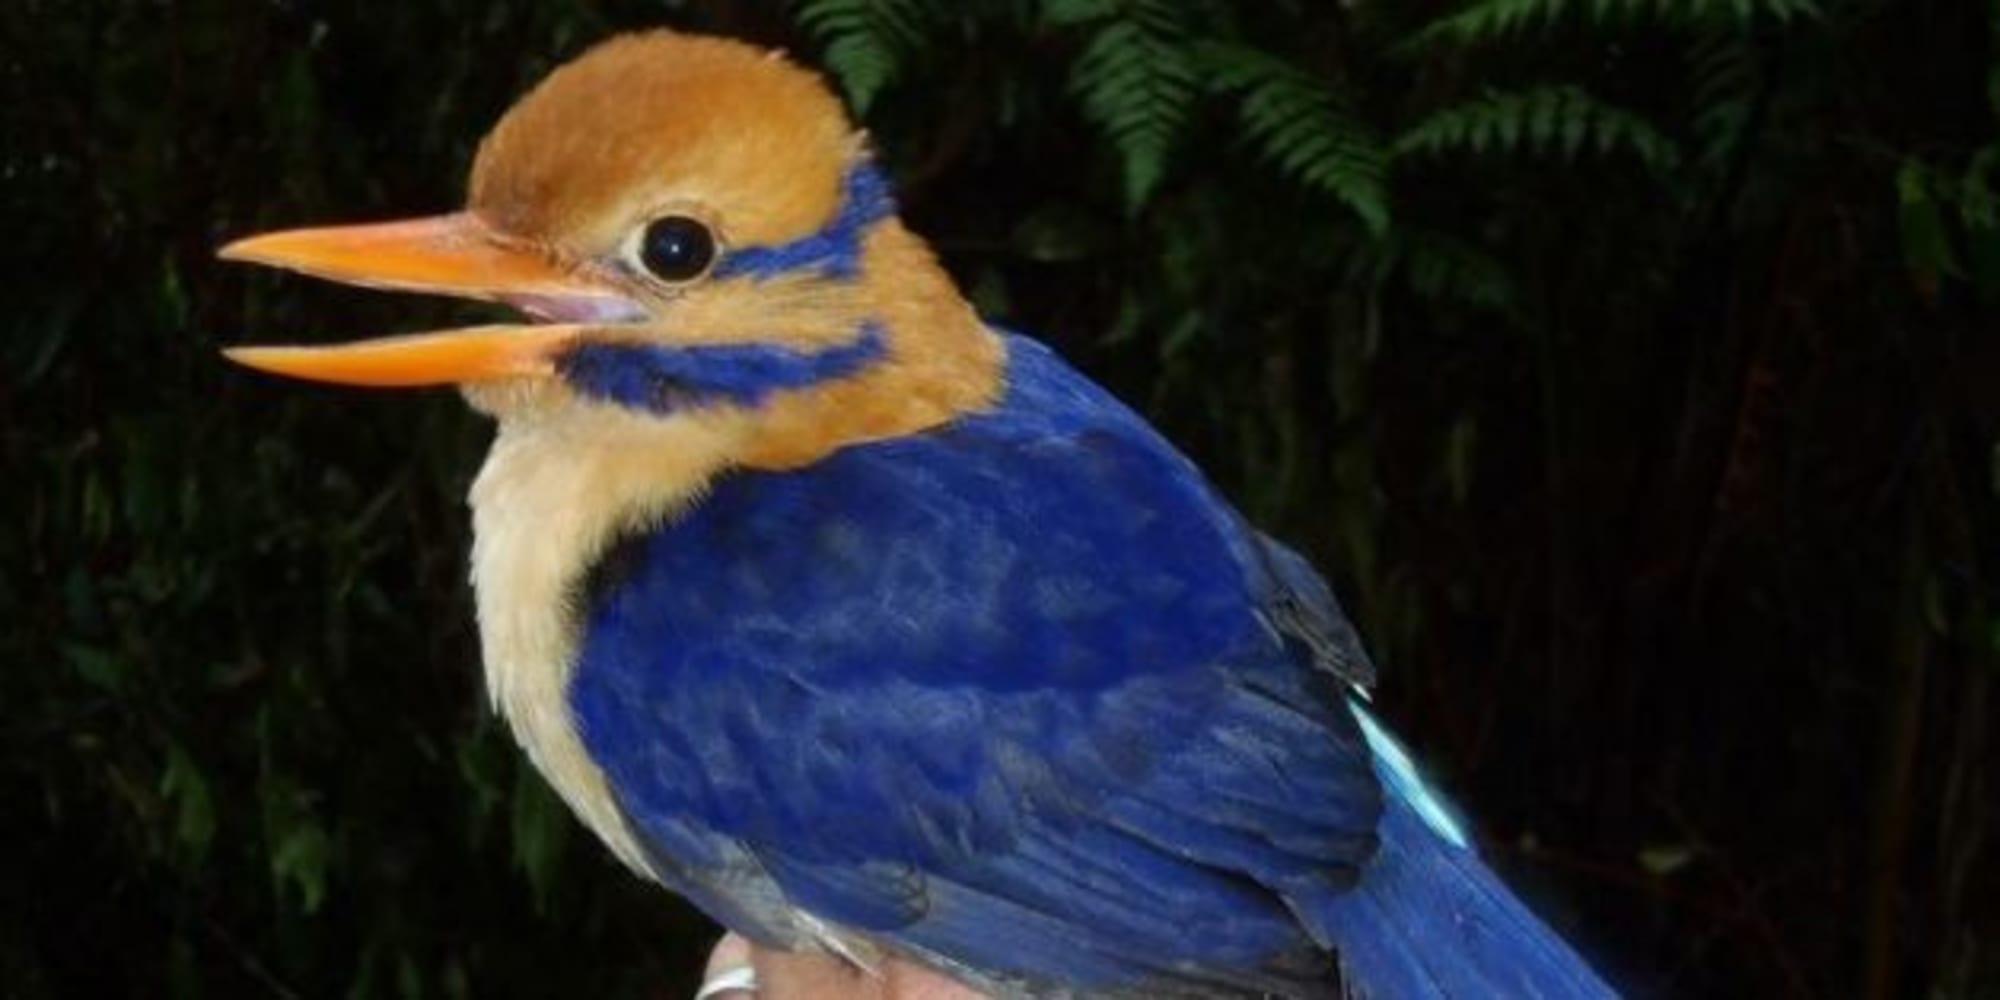 Oiseau Martine 11/01/2016 trouvé par Ajonc ?url=http%3A%2F%2Fi.huffpost.com%2Fgen%2F3460762%2Fimages%2Fn-MARTINCHASSEUR-628x314